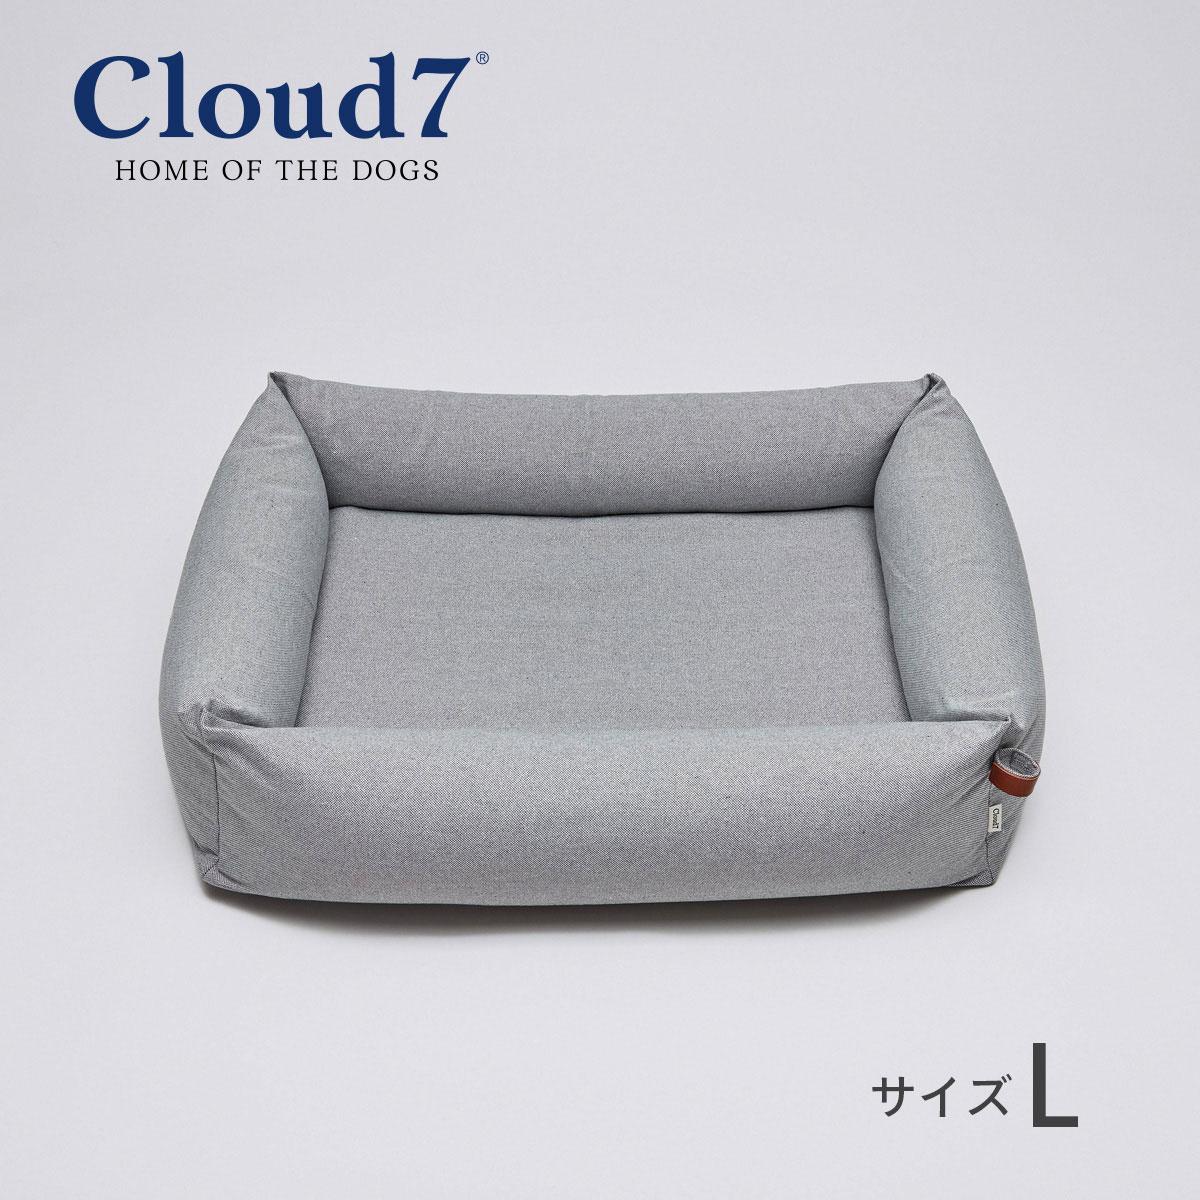 高品質の犬用ベッド ペットベッド Cloud7 クラウド7 スリーピー デラックス 超特価 ツイードグレー インテリア Lサイズ ペット [正規販売店] 海外直輸入